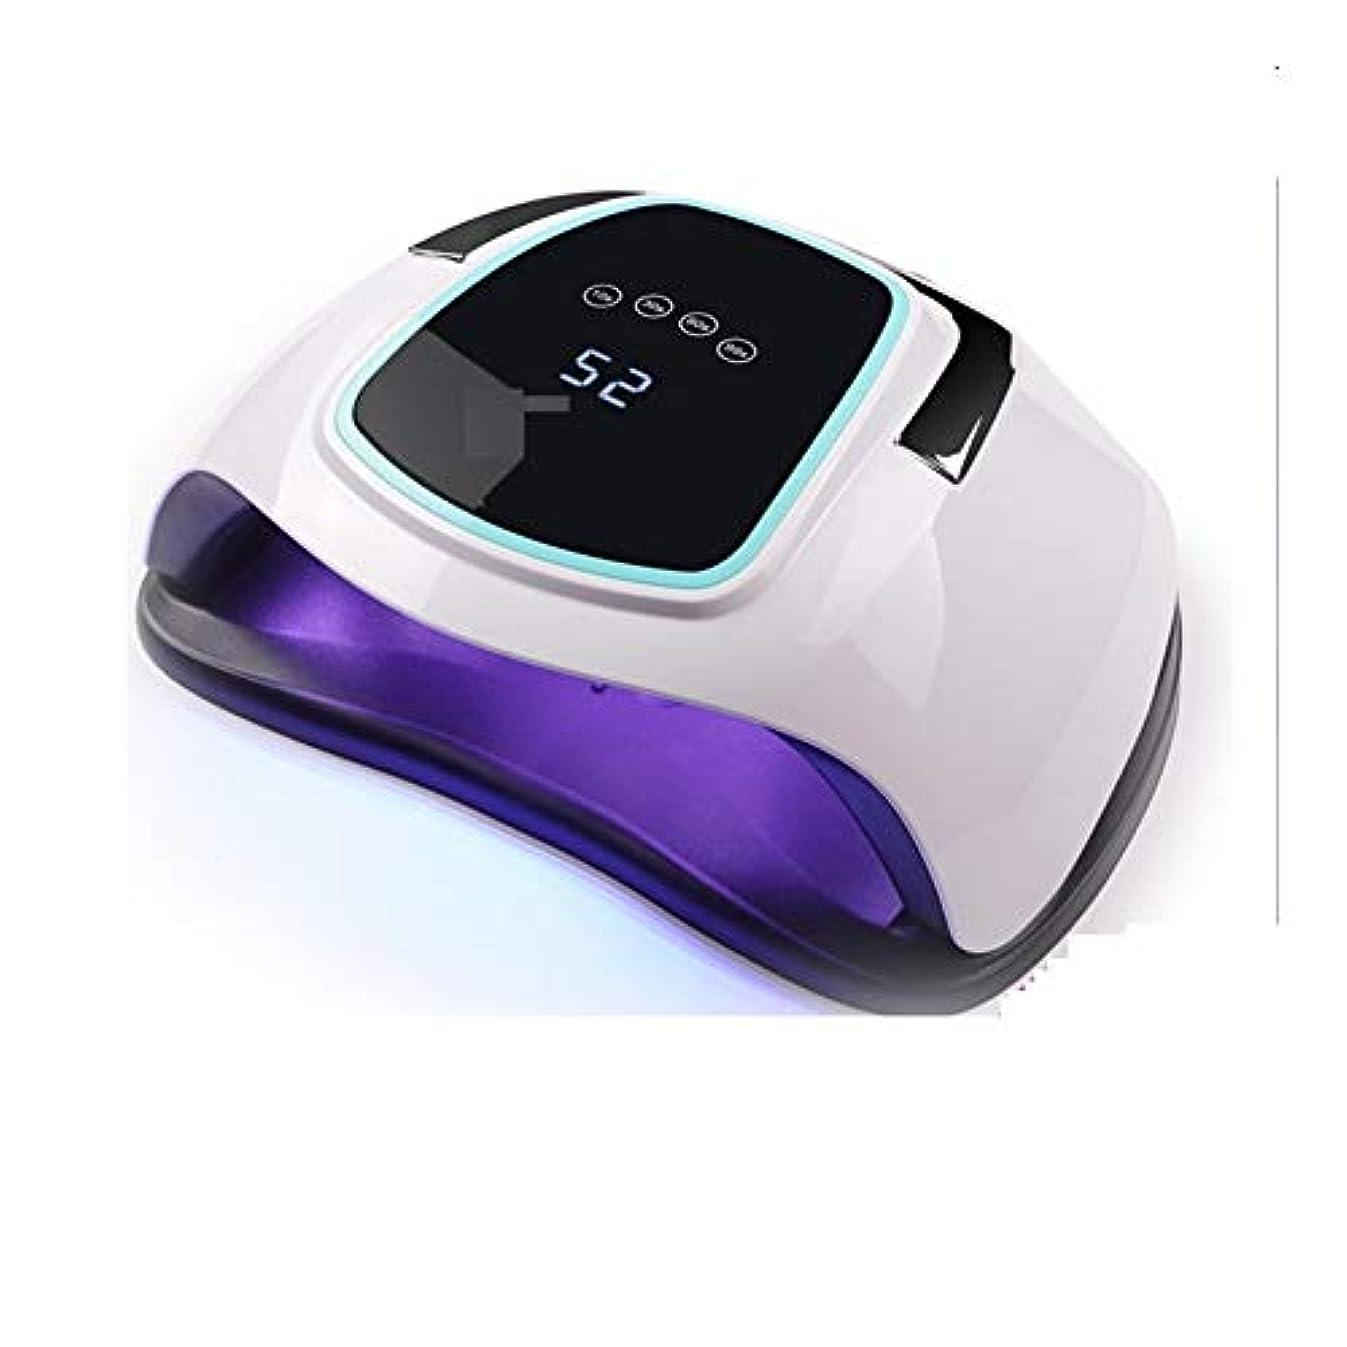 ラオス人医師量LittleCat 4タイマーは10/30/60 / 99Sホワイトを設定して爪や足の爪用ゲルポーランド自動センサーネイルアートツールのための専門のUV LEDネイルランプ (色 : American standard flat plug)